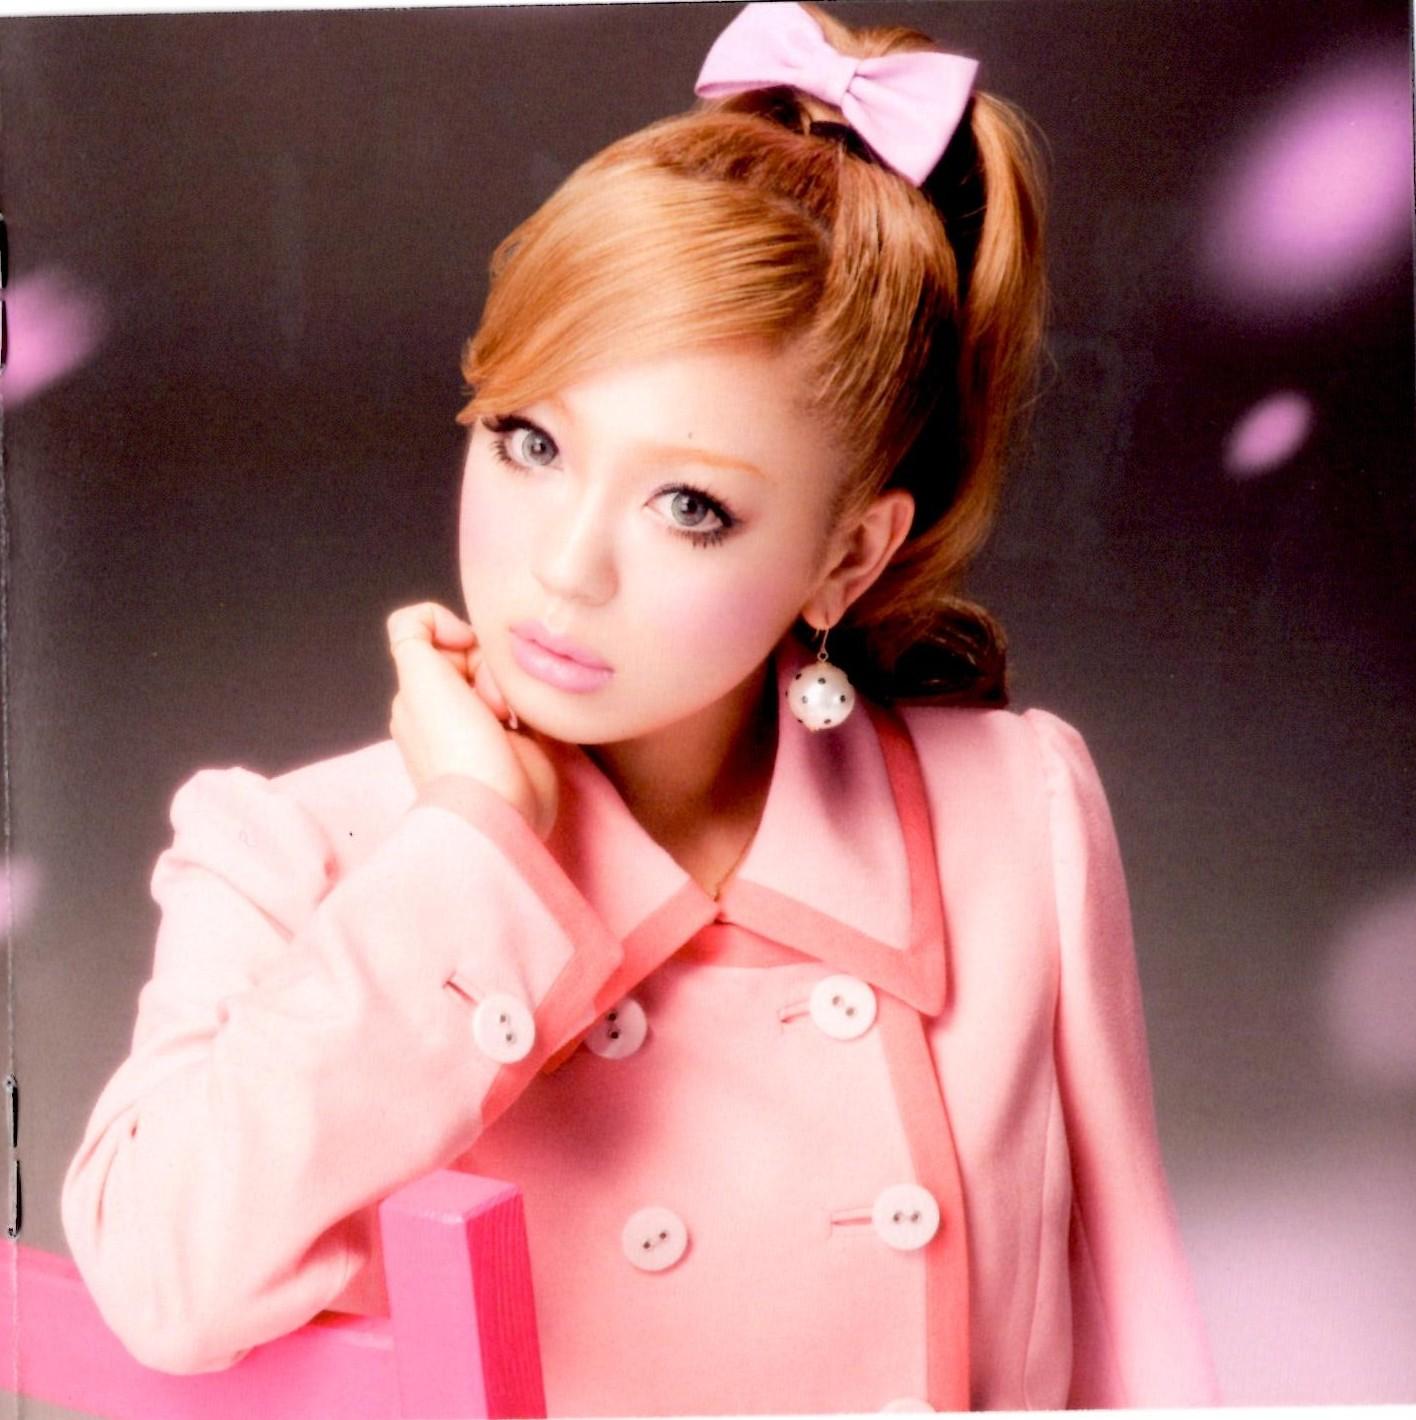 Kana Hoshino - Kana Hoshino